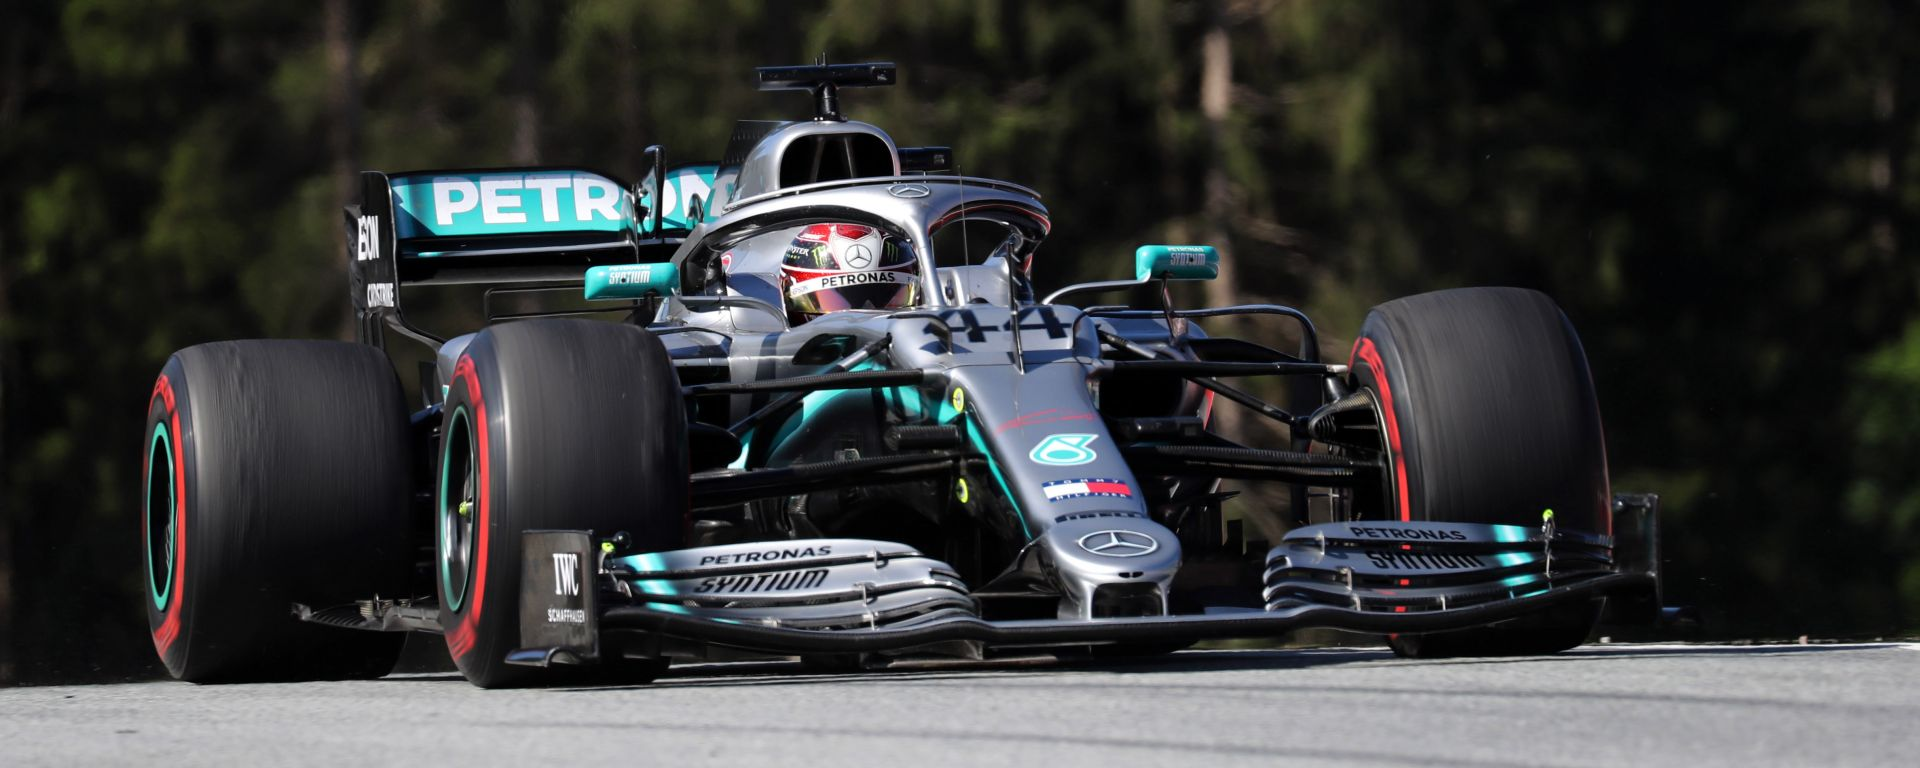 """F1 GP Austria, Hamilton: """"La Ferrari sembra molto veloce"""""""